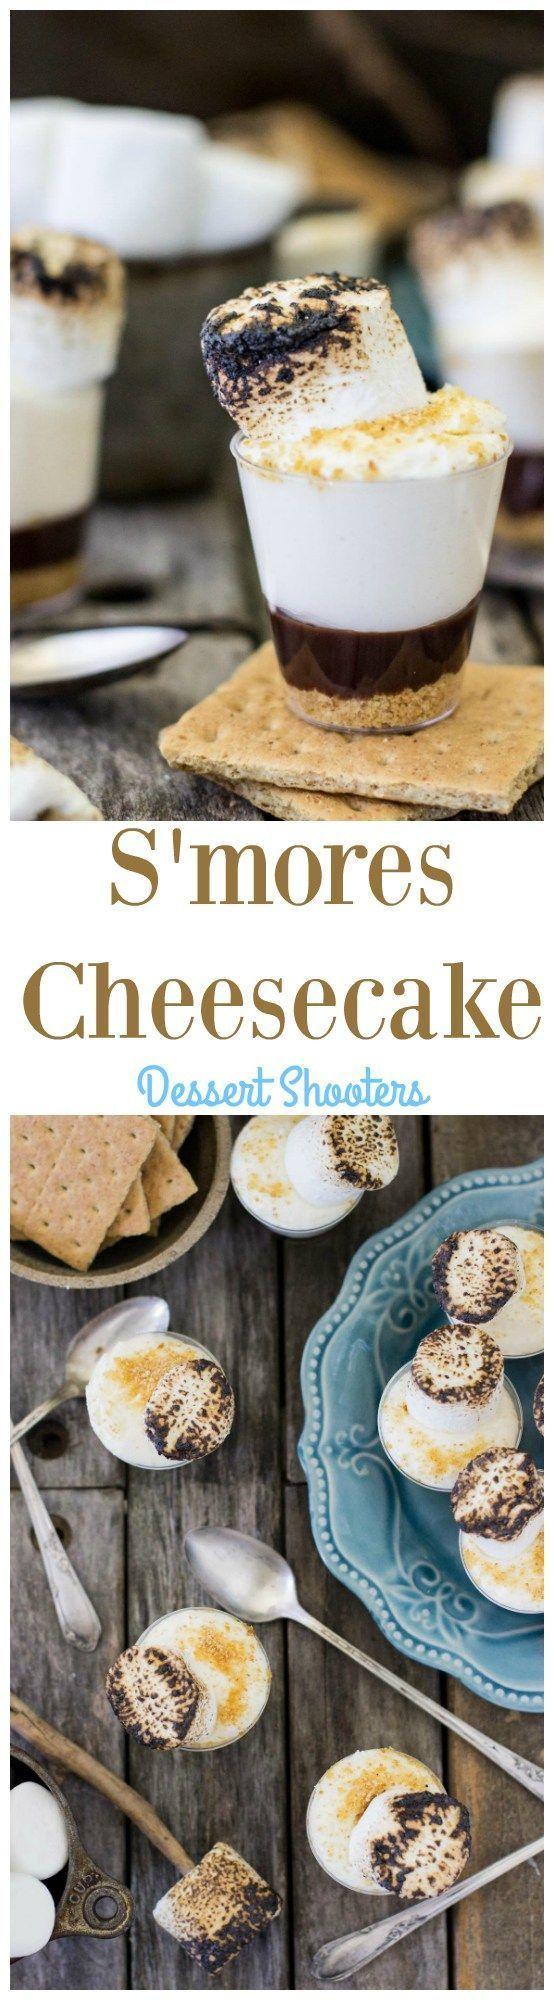 Más de 1000 ideas sobre Dessert Shooters en Pinterest | Tiradores De ...